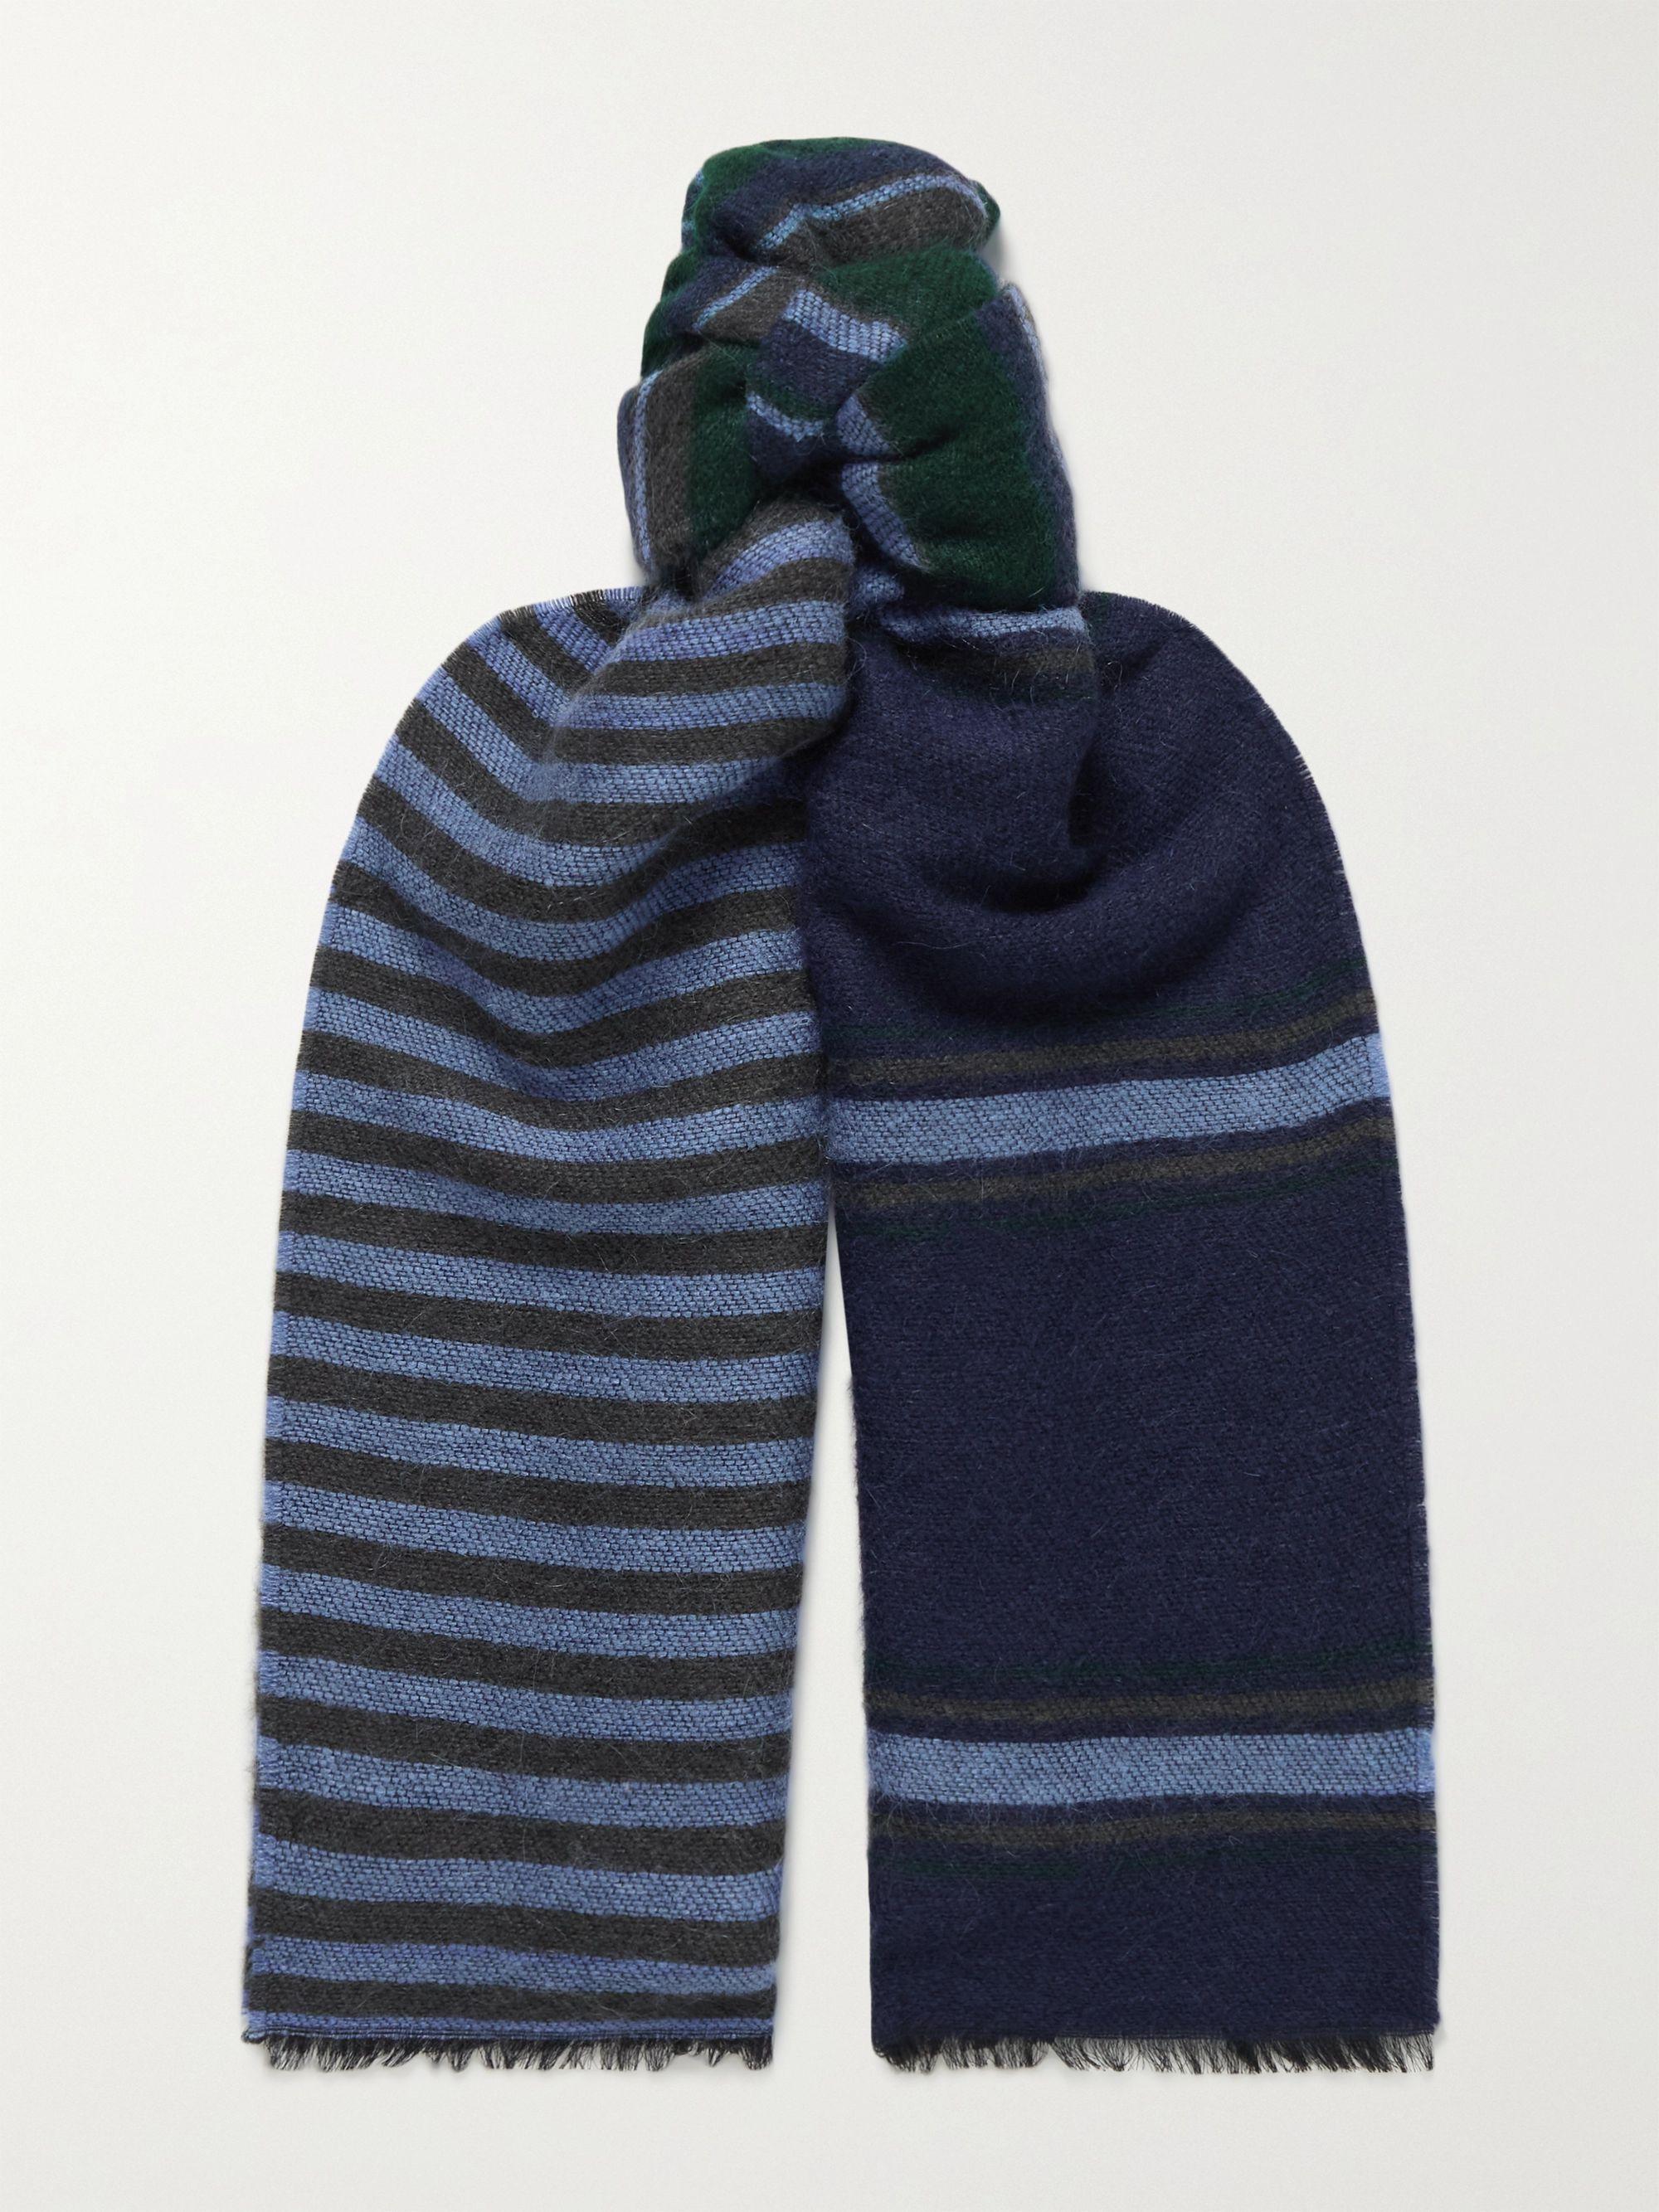 폴 스미스 스카프 Paul Smith Frayed Striped Knitted Scarf,Blue